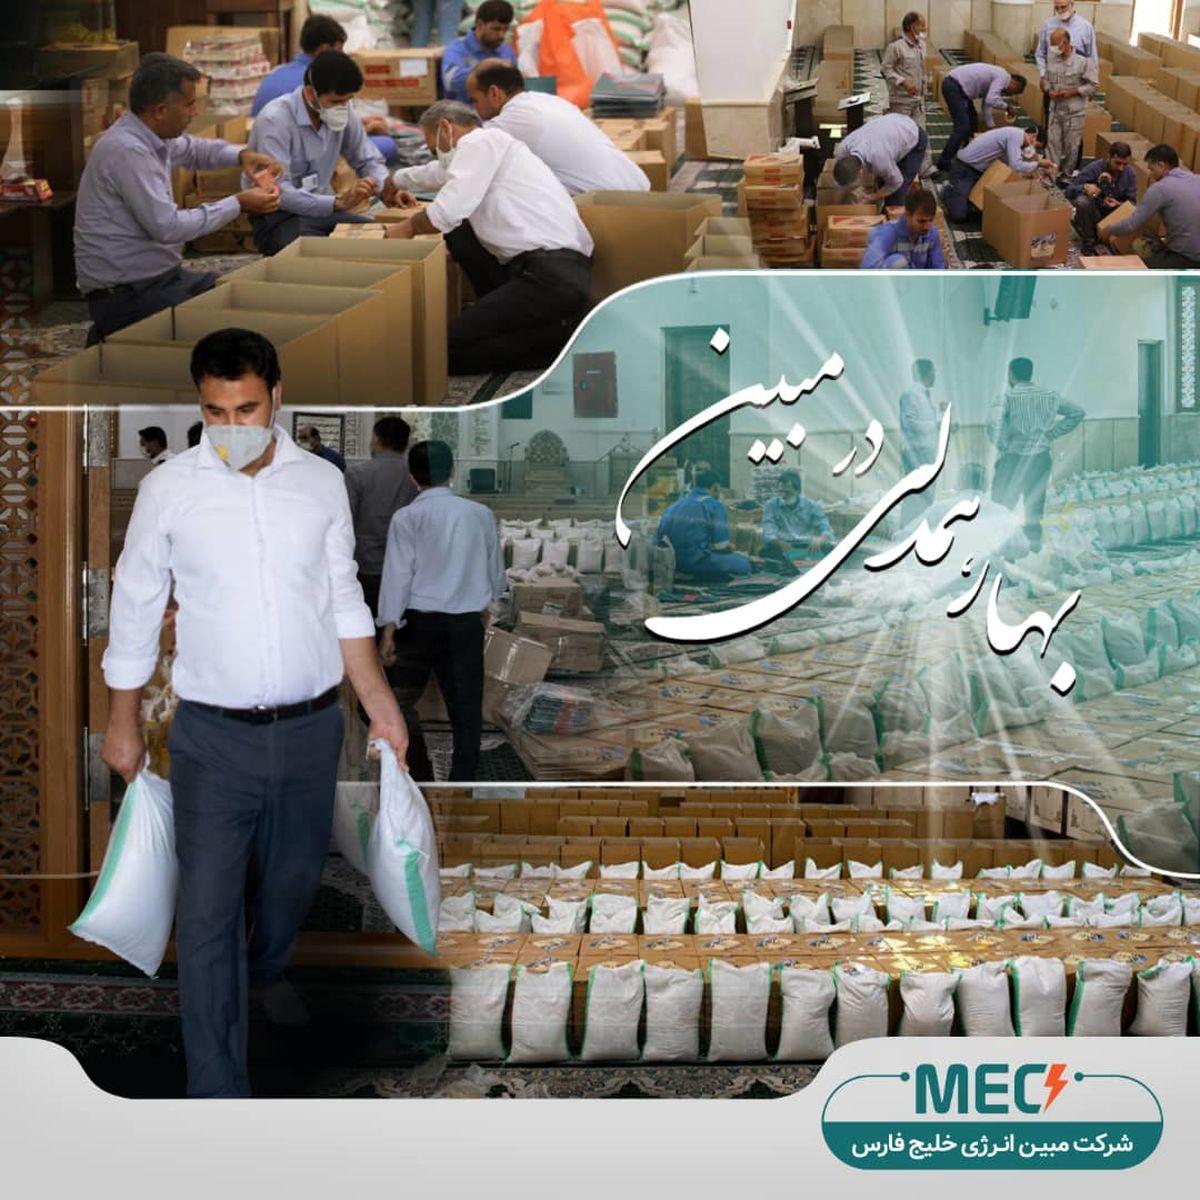 مبین انرژی خلیج فارس به رزمایش همدلی پیوست